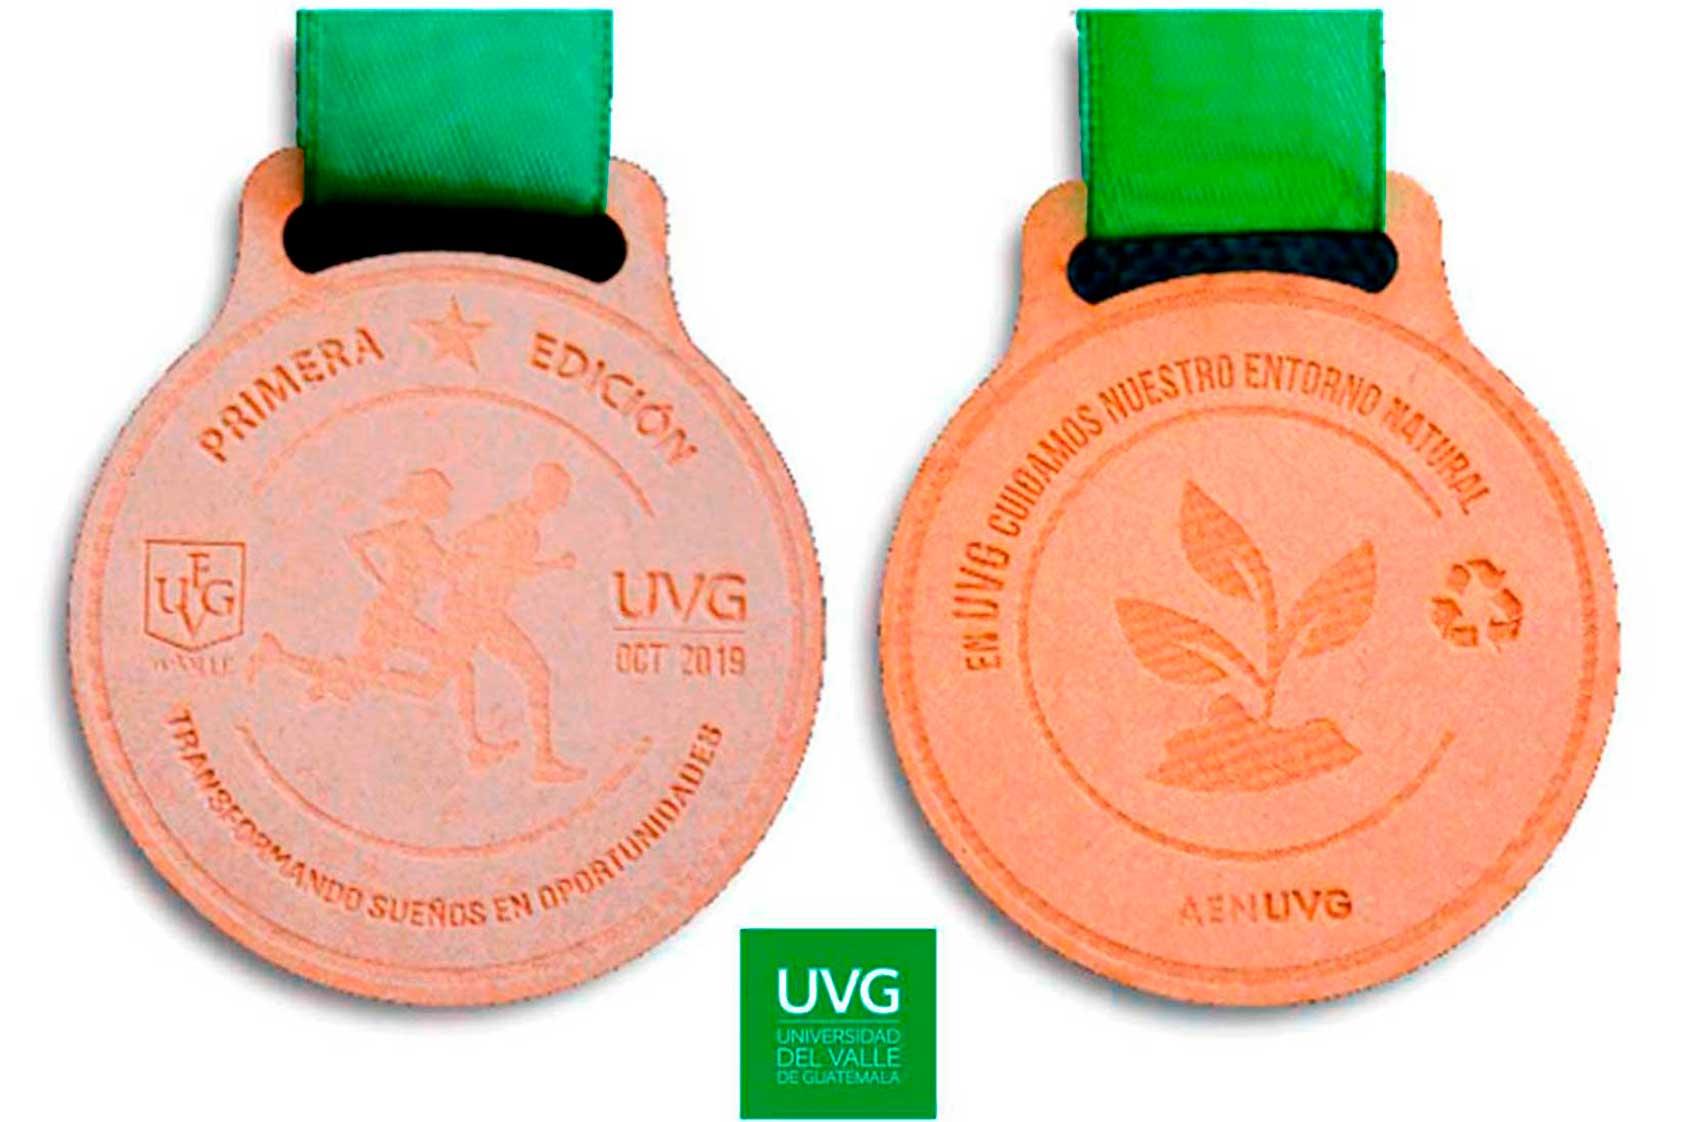 La historia detrás de las medallas de la primera Carrera UVG